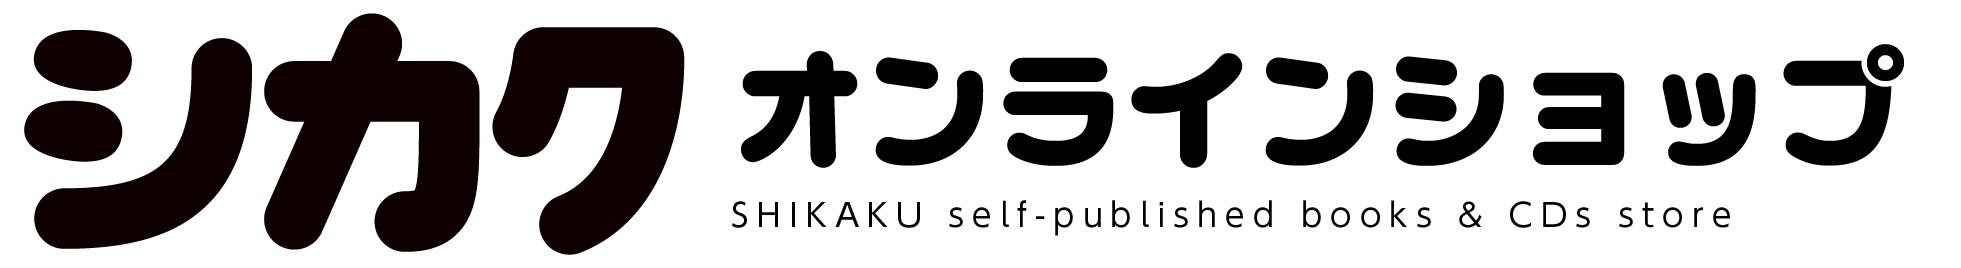 シカクオンラインショップ